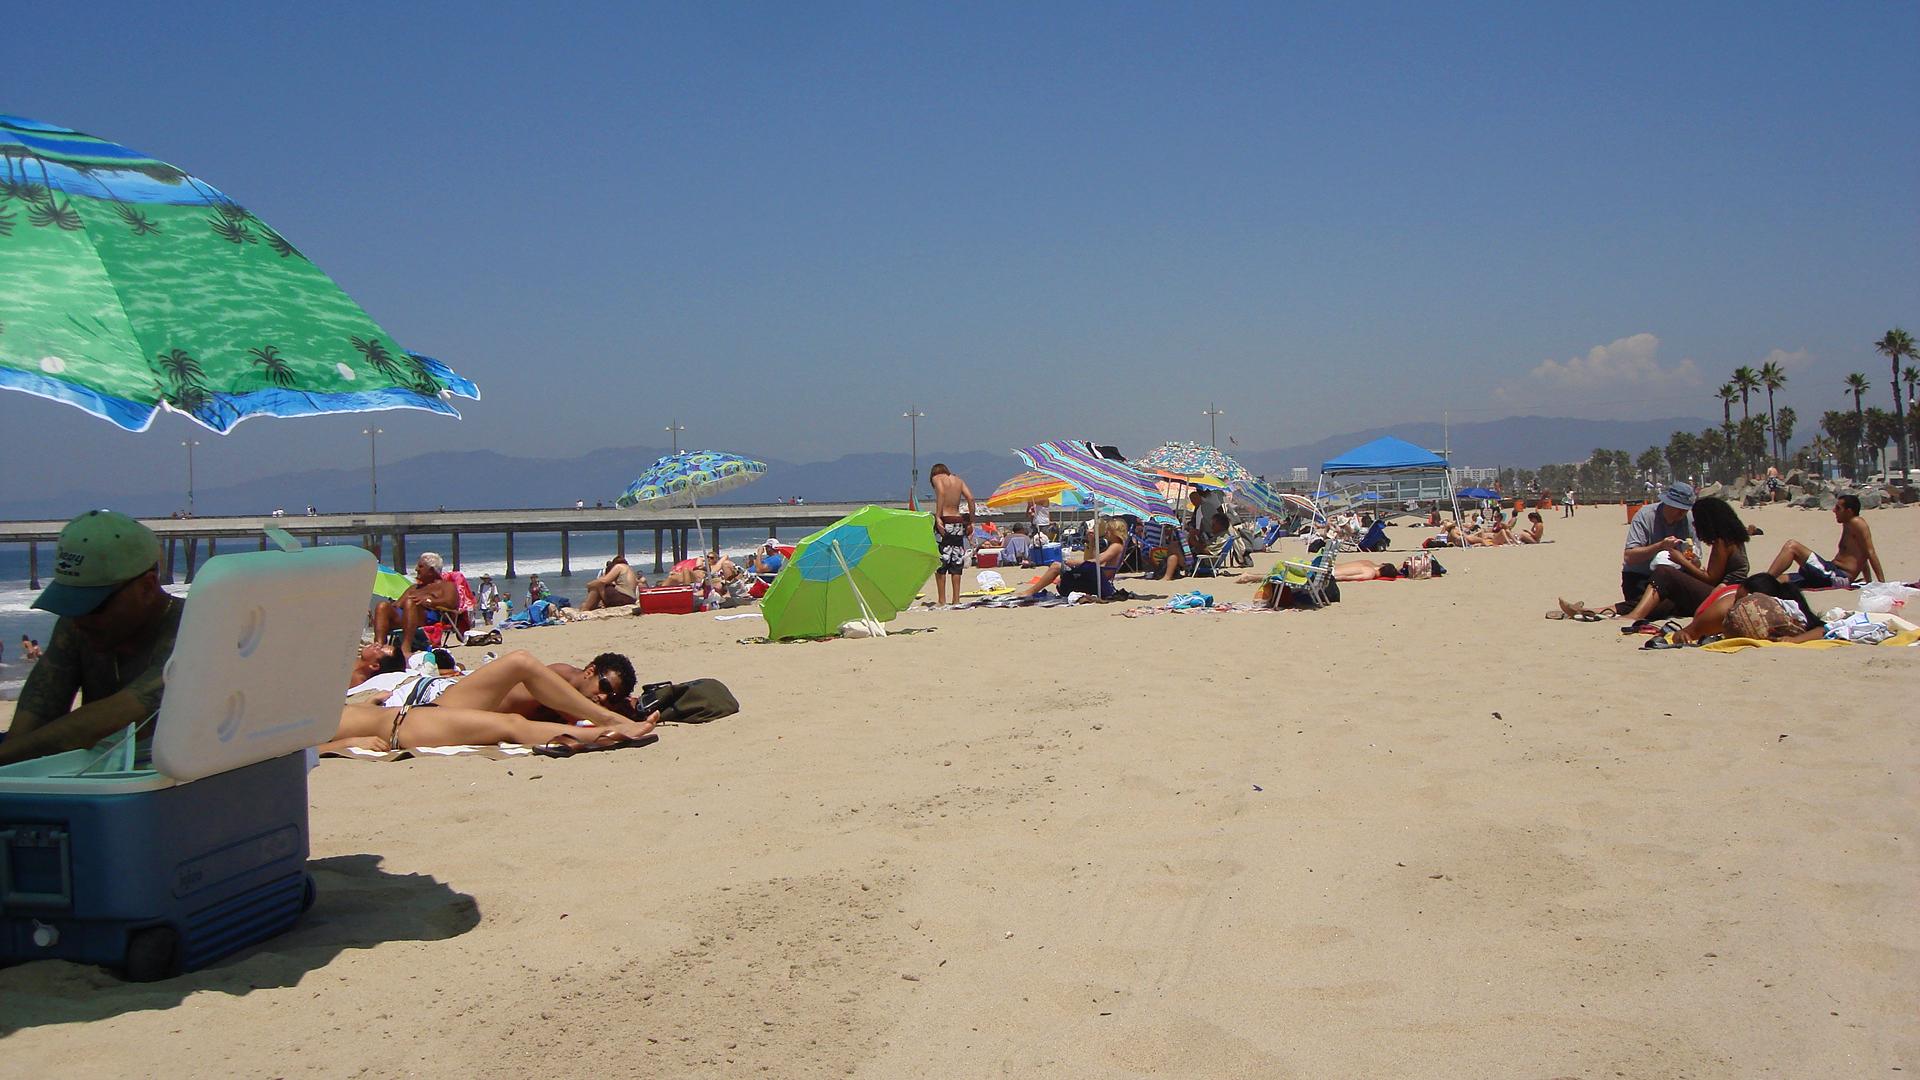 Wallpaper beach venice   1128767 1920x1080